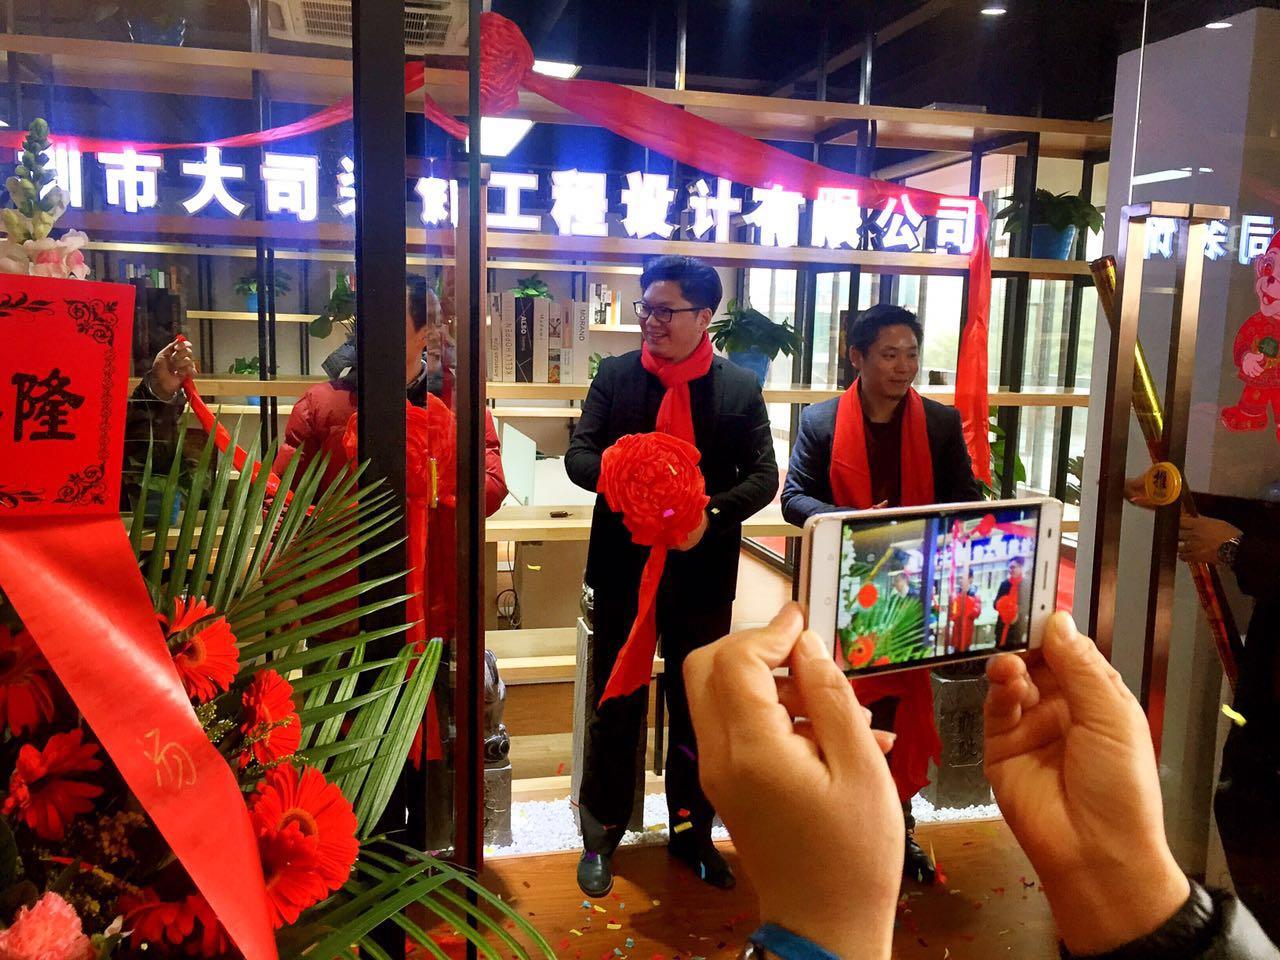 2009年大司装饰工程设计有限公司在深圳成立